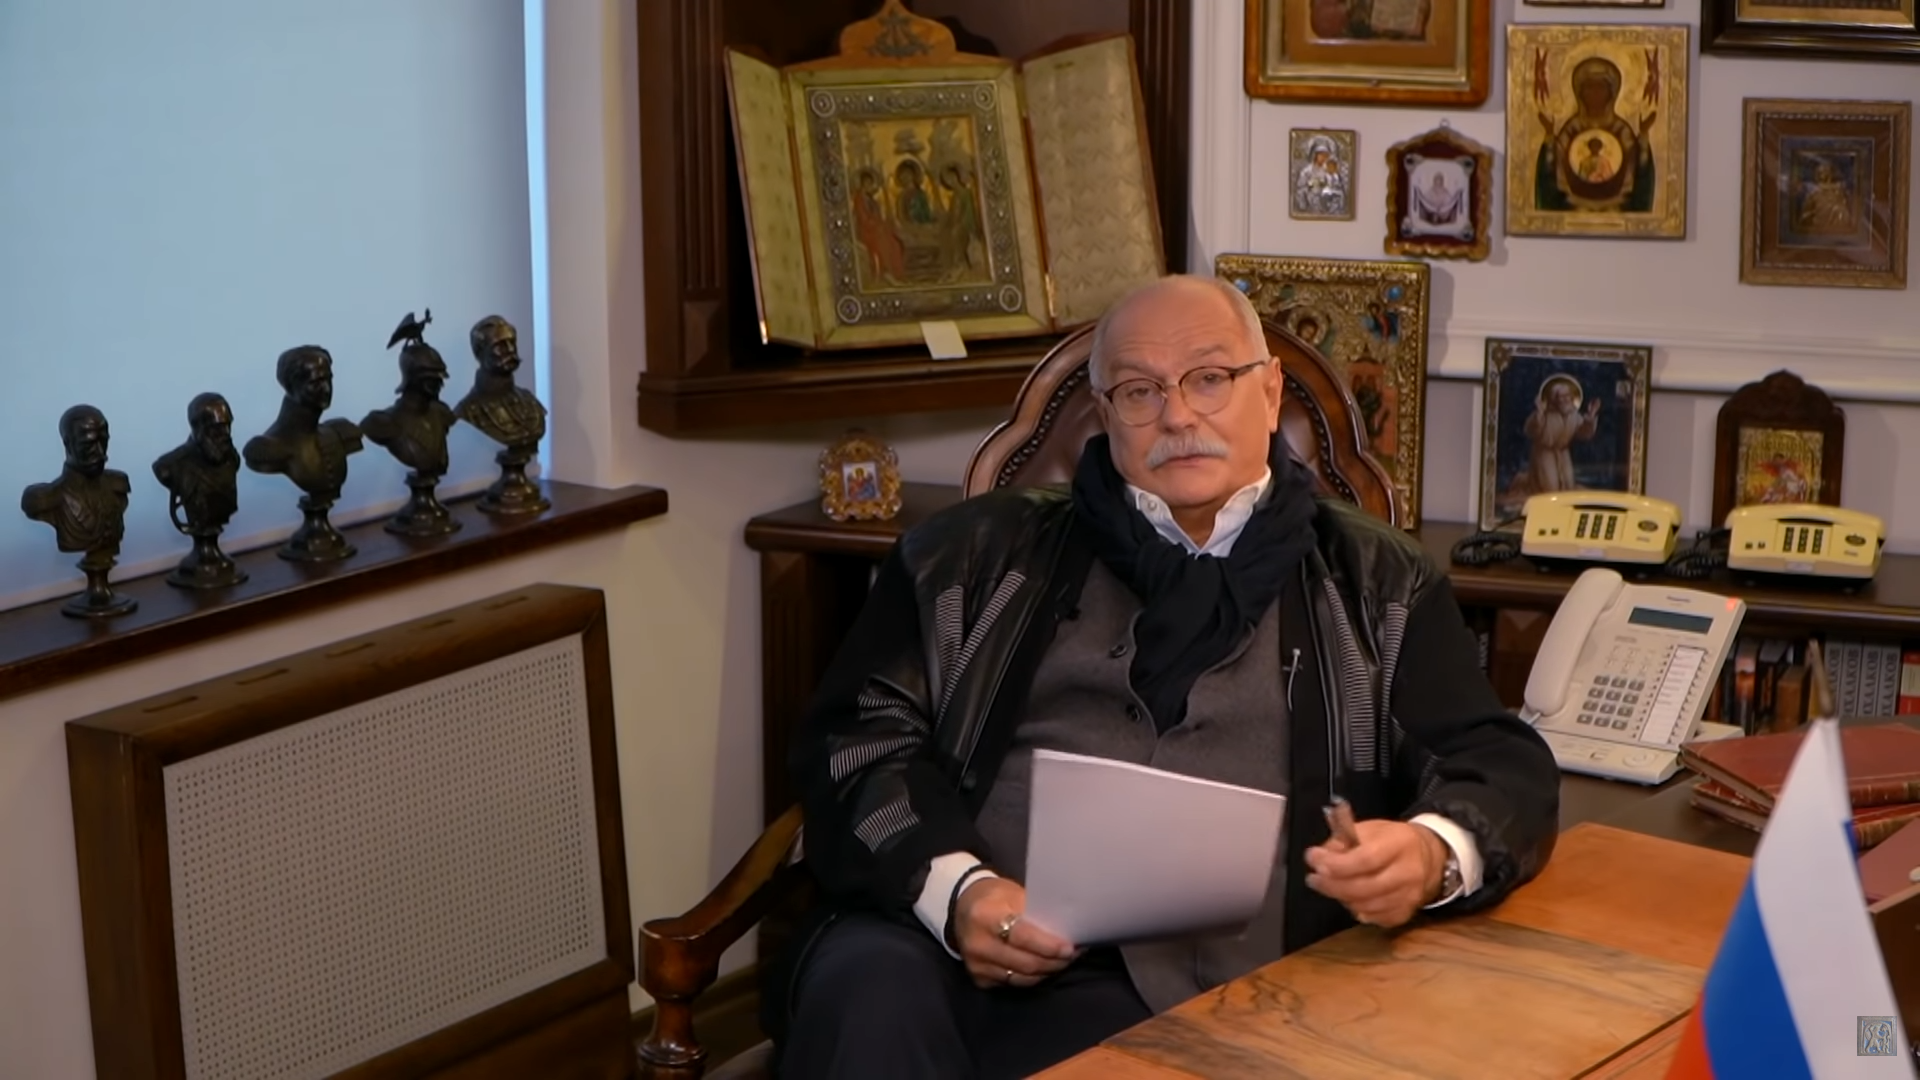 Михалков заявил об информационной атаке после сюжета про «нарисованные» протесты